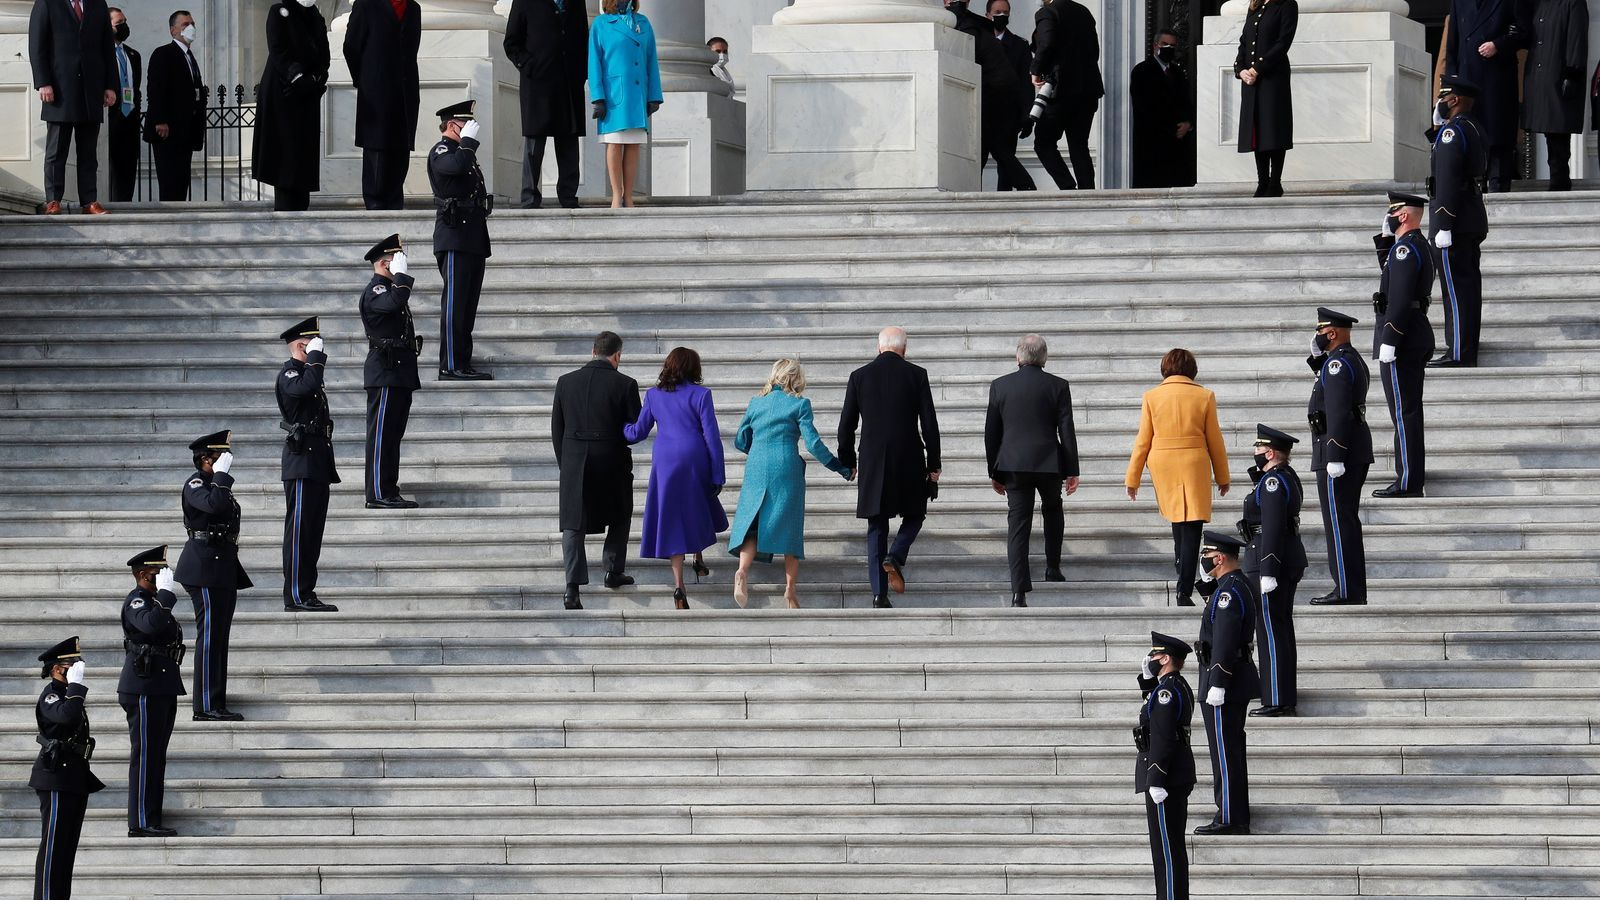 El president electe Joe Biden, la seva dona Jill Biden, el vicepresident electe Kamala Harris, el seu marit Doug Emhoff, el senador dels EUA Roy Blunt i la senadora Amy Klobuchar arriben a la cerimònia